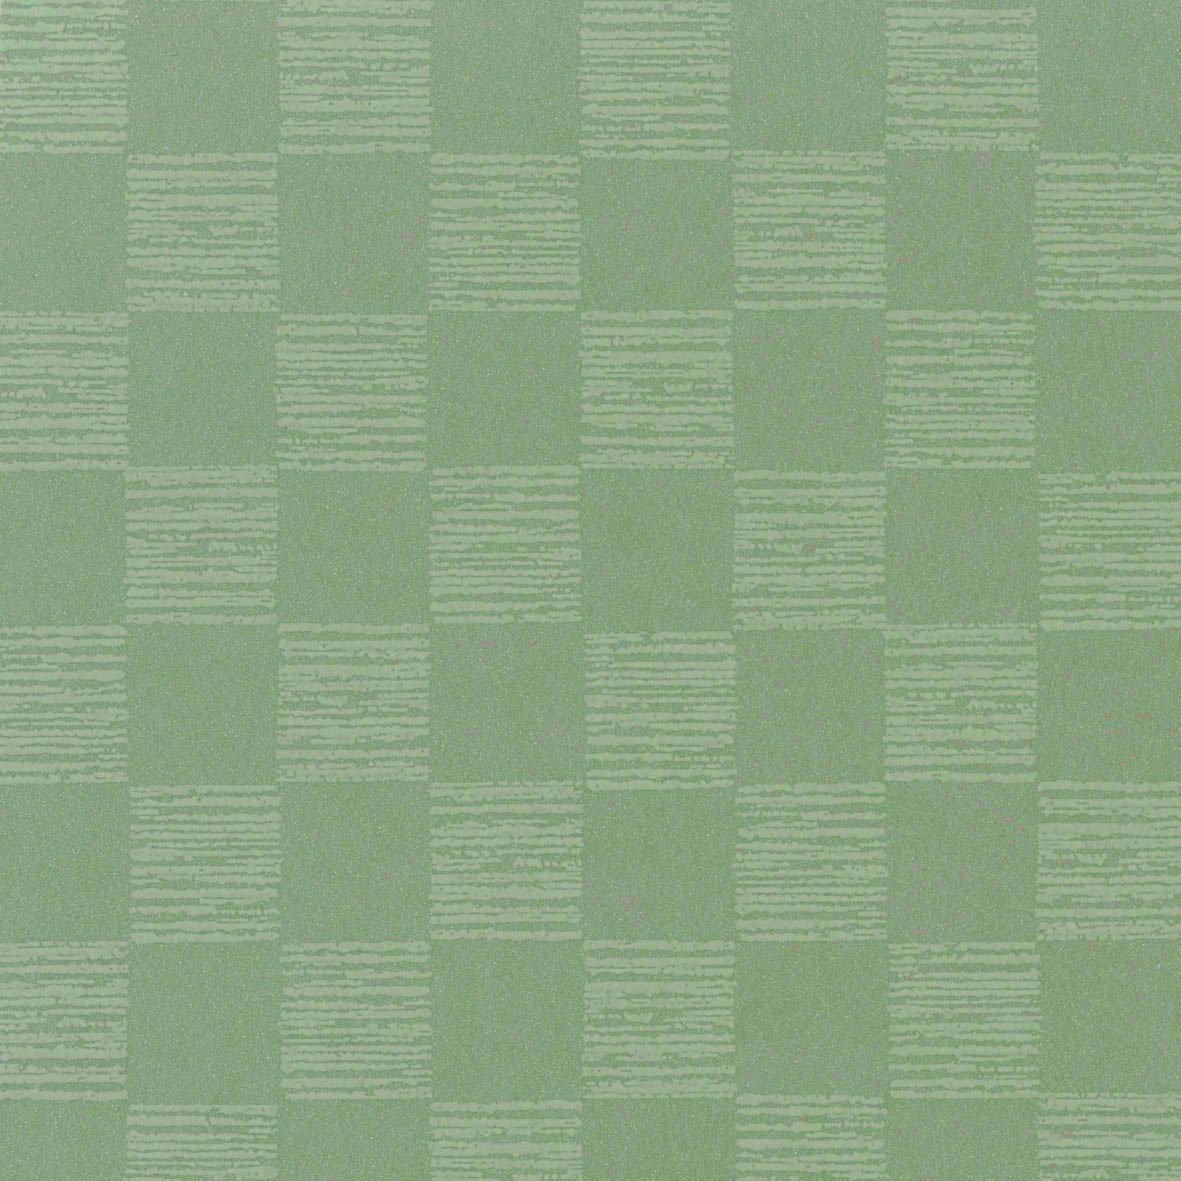 リリカラ 壁紙31m 和 幾何学 グリーン LL-8309 B01N3W7KWJ 31m|グリーン